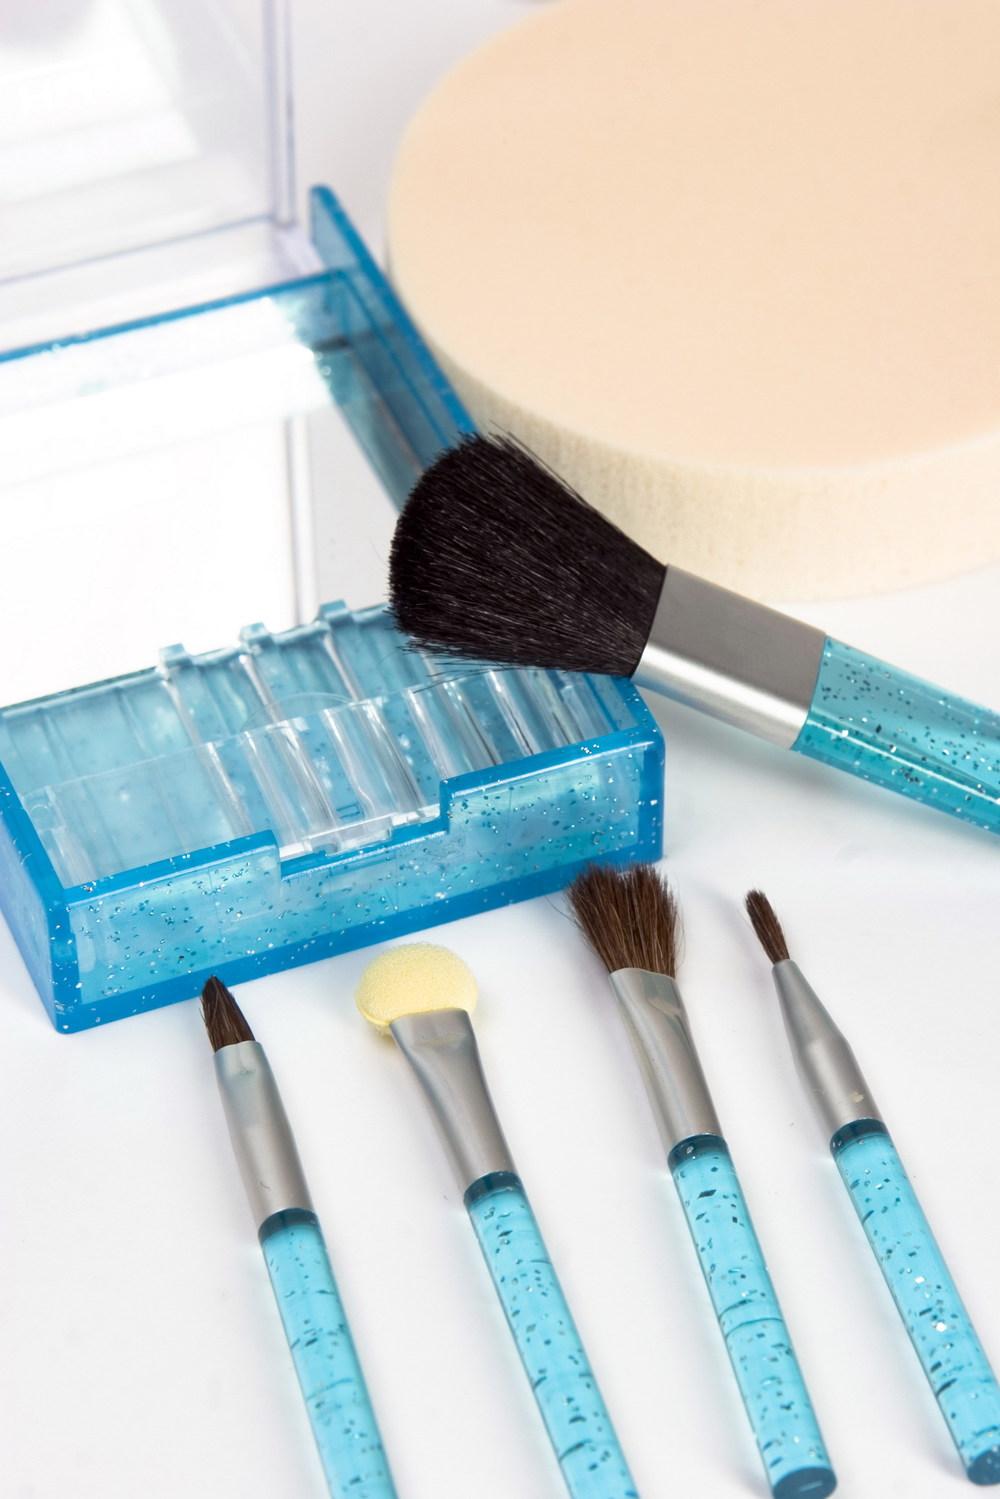 beauty-brushes-1189905.jpg